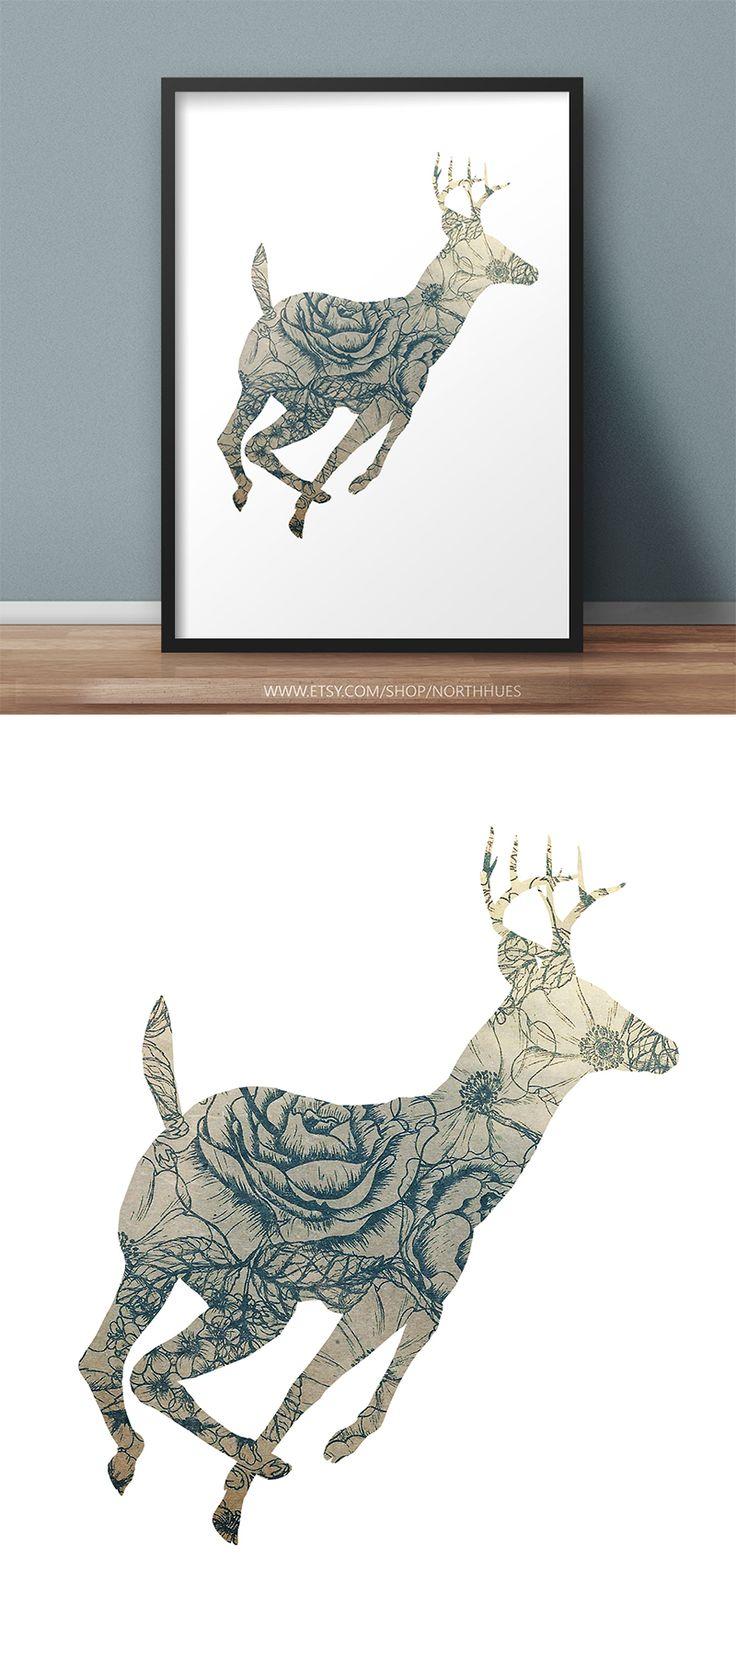 Deer Poster Design.  https://www.etsy.com/no-en/listing/536343373/vintage-look-floral-deer-poster-instant?ref=shop_home_active_1